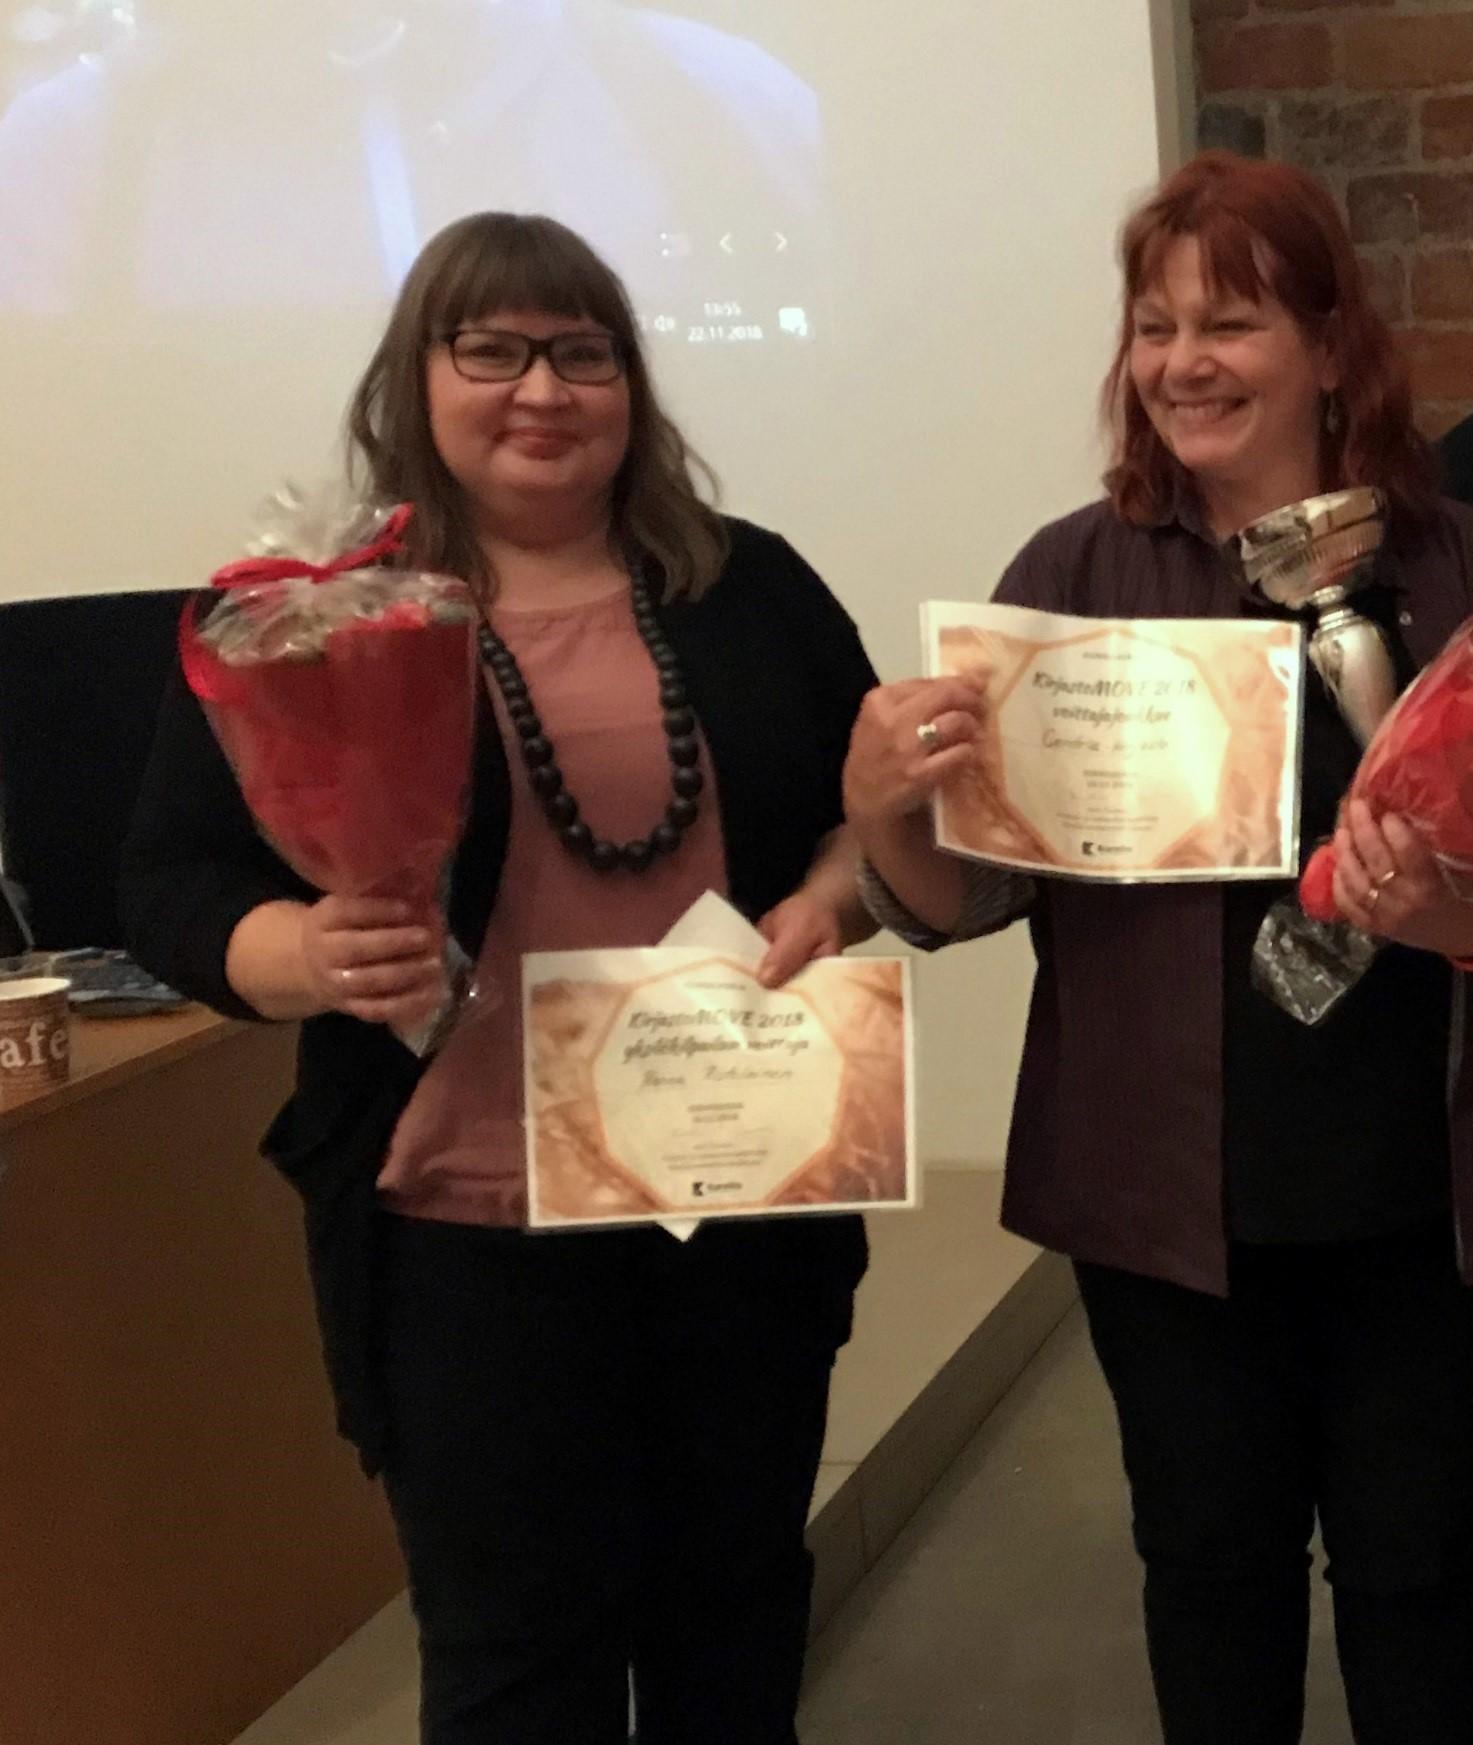 Kilpailun voittajat Henna Ristolainen Xamkista ja Hanna-Riina Aho Centrian joukkueen edustajana